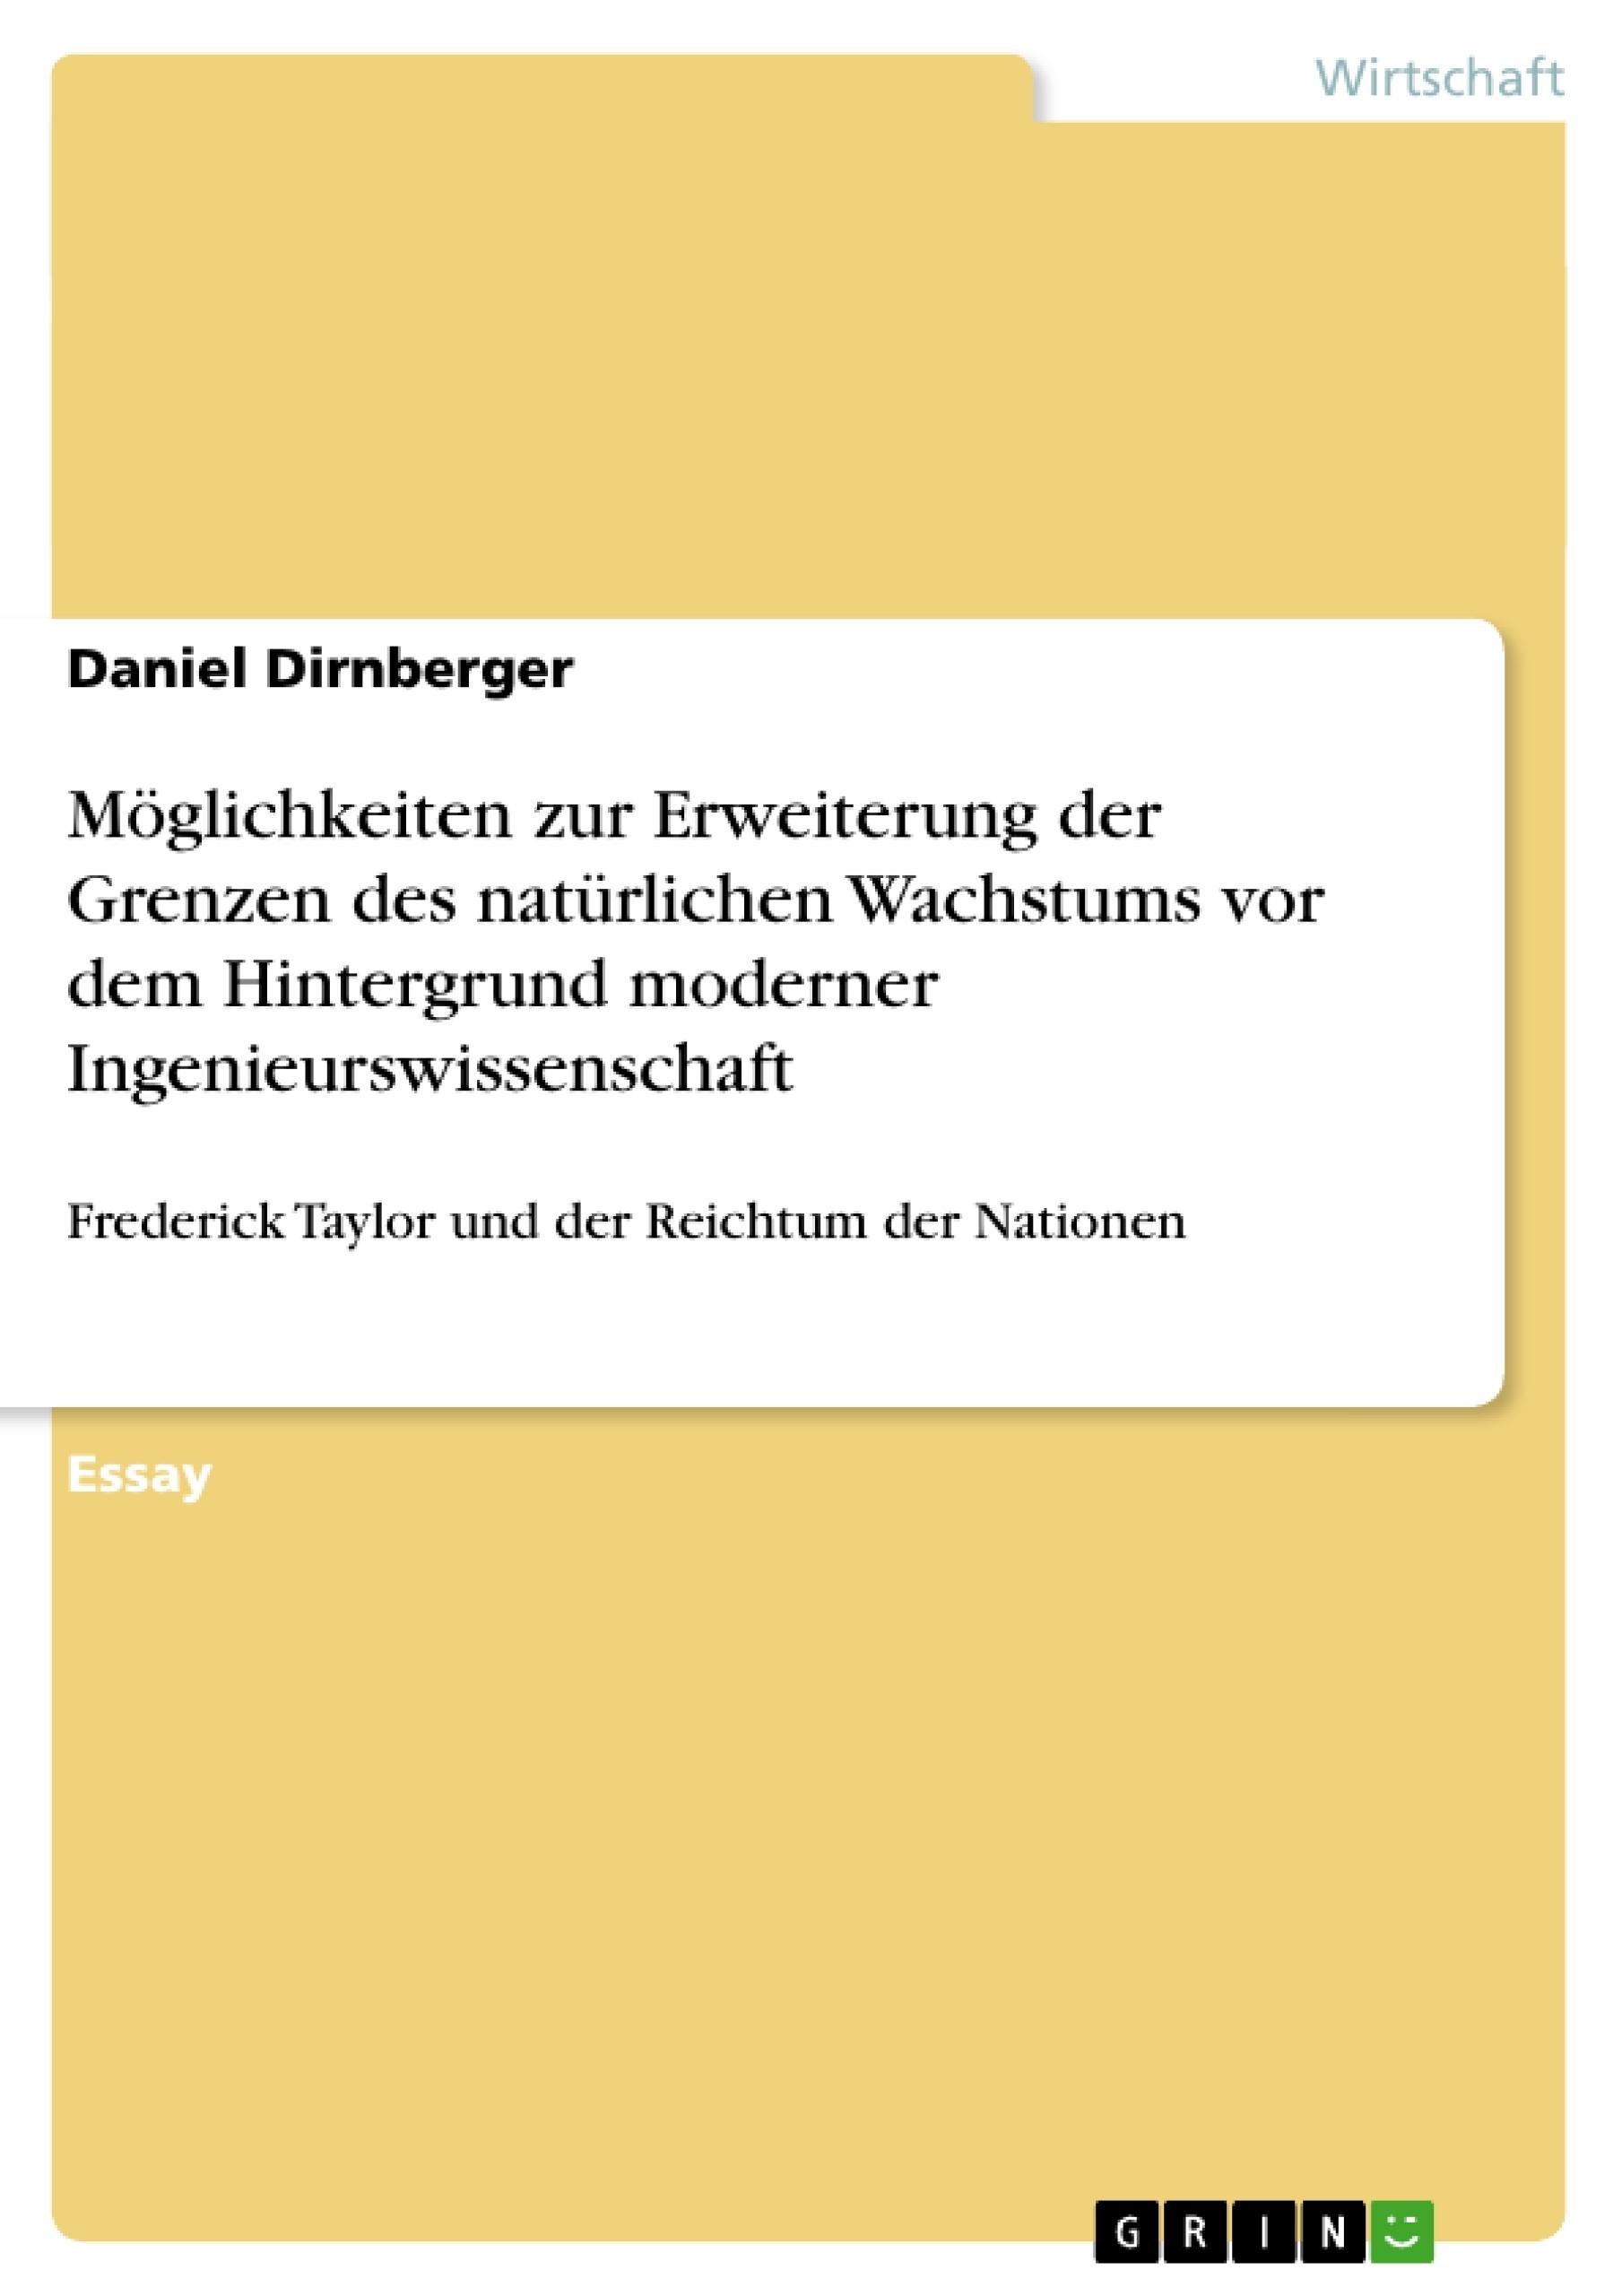 Titel: Möglichkeiten zur Erweiterung der Grenzen des natürlichen Wachstums vor dem Hintergrund moderner Ingenieurswissenschaft